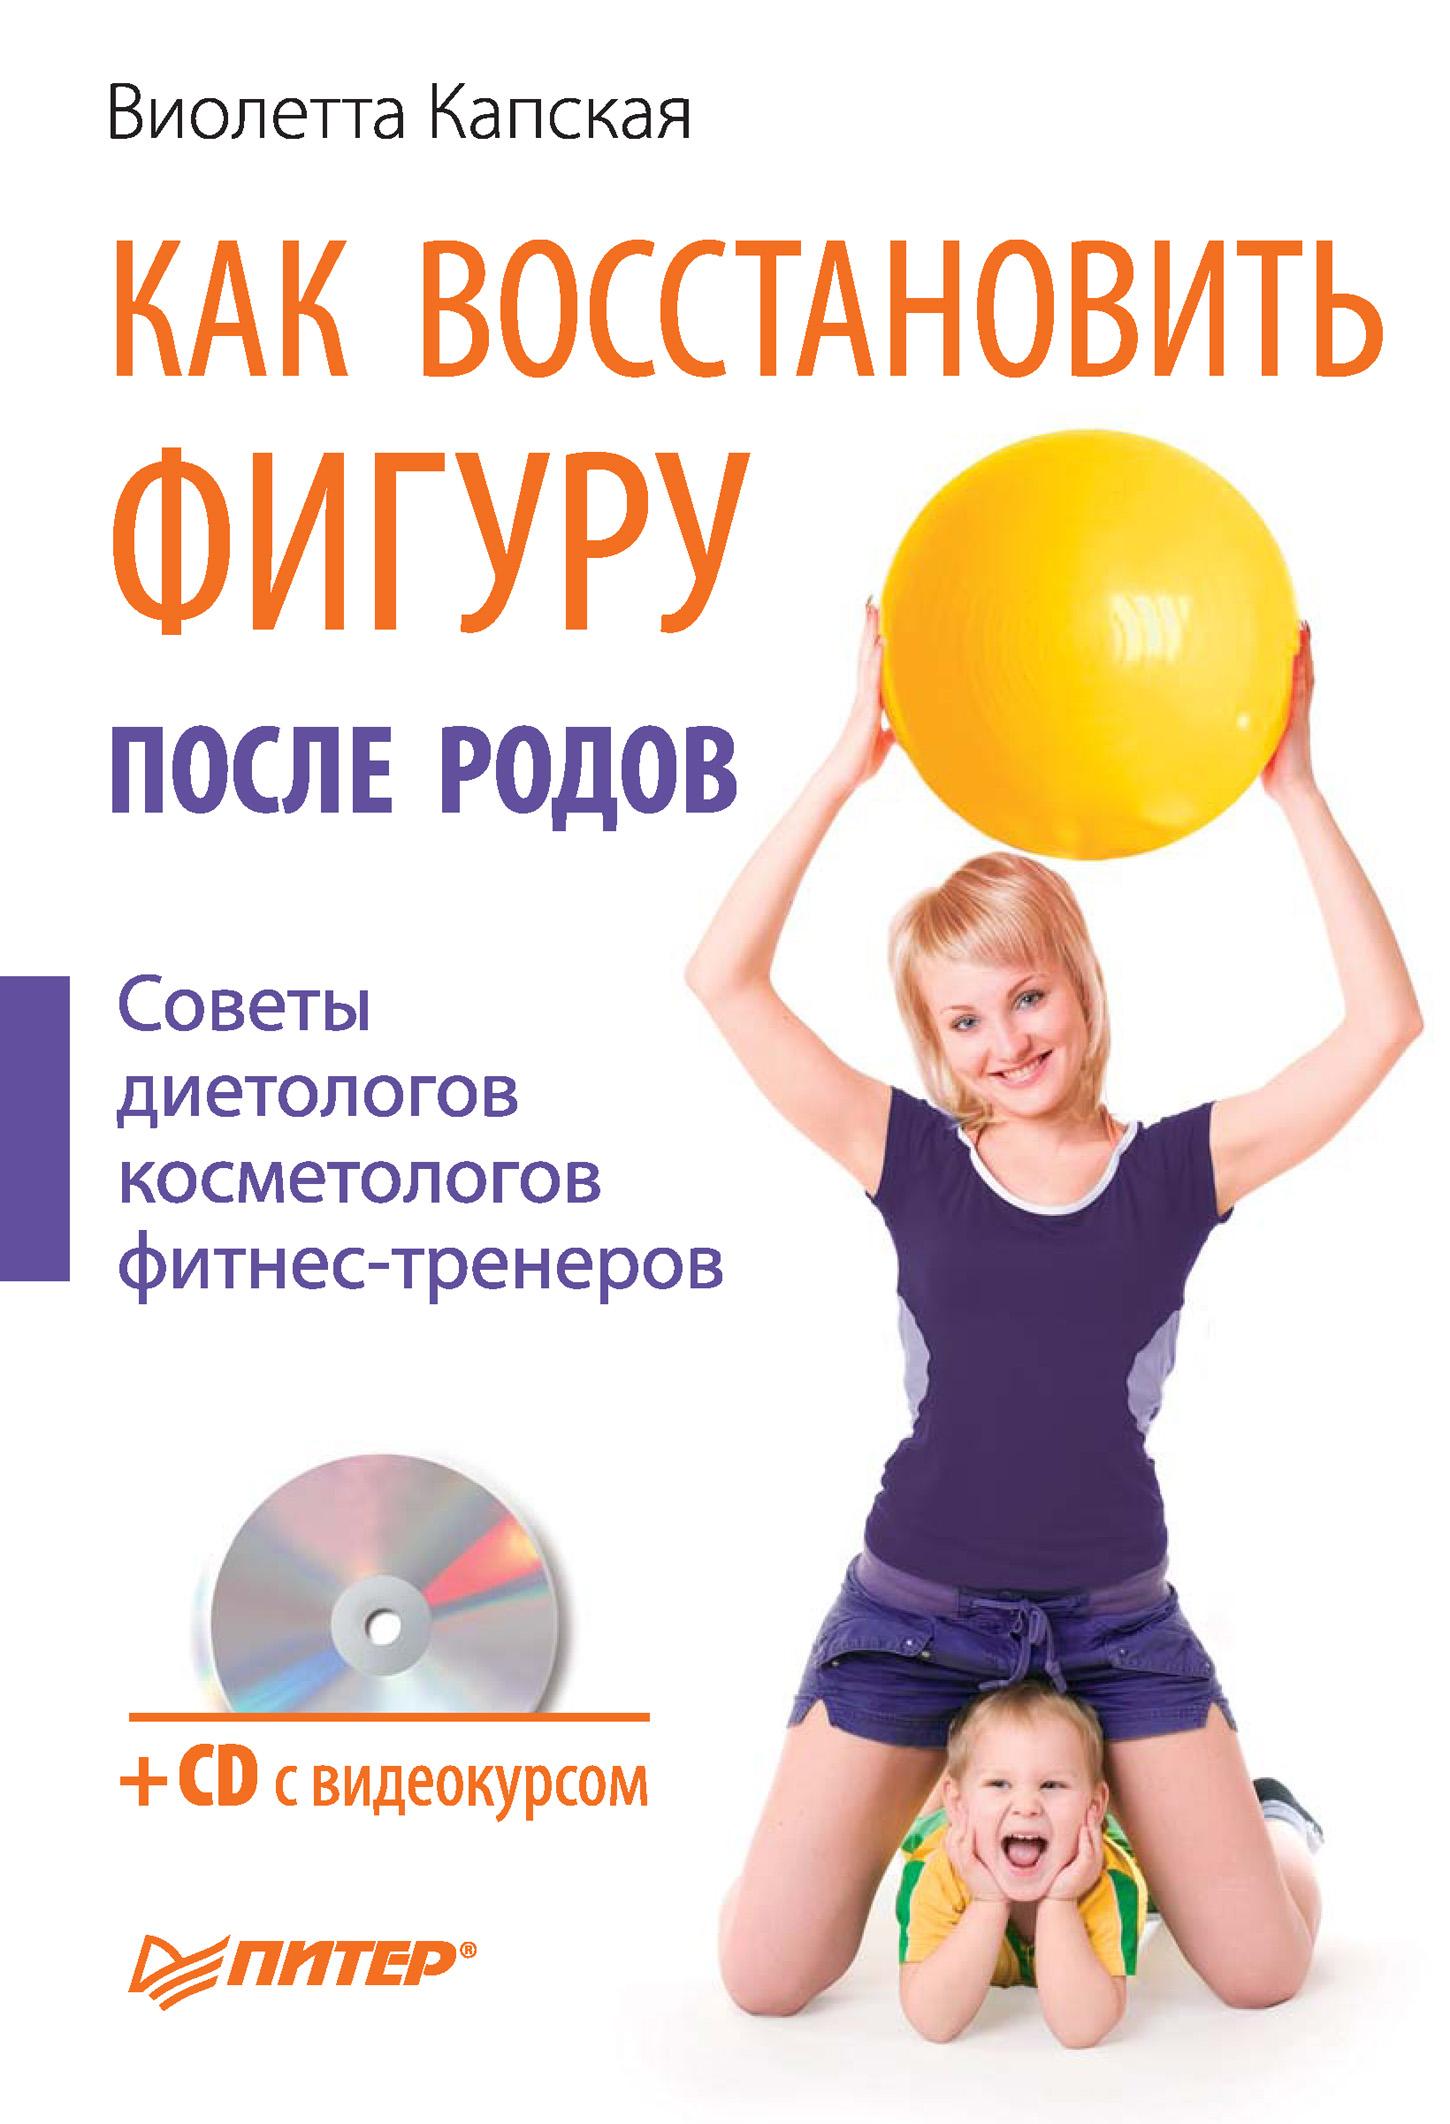 Виолетта Капская Как восстановить фигуру после родов